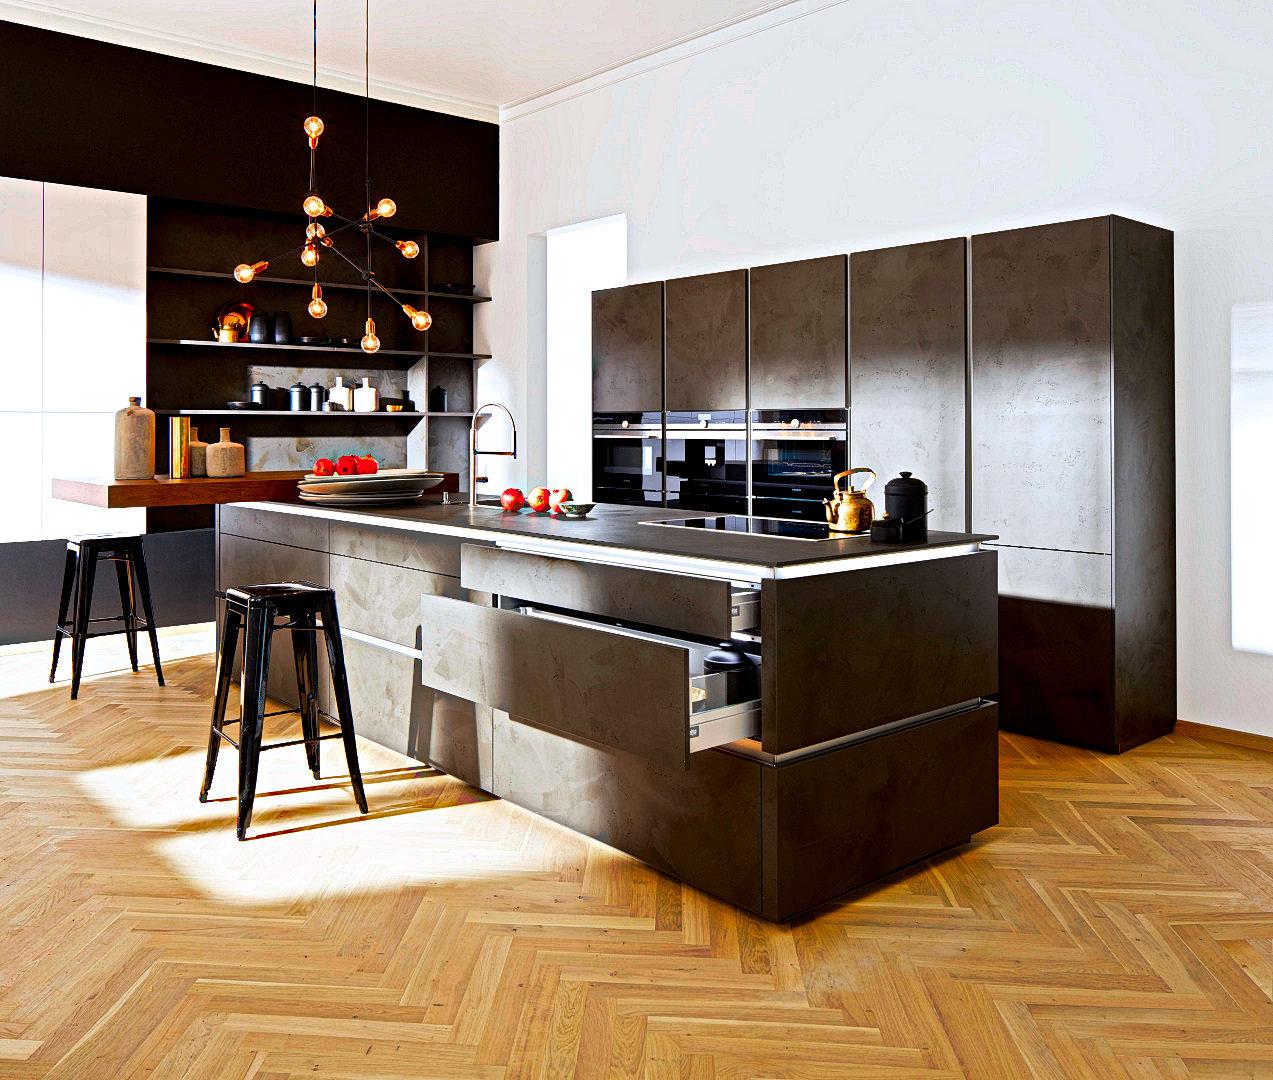 Full Size of Küche Billig Roller Billig Küche Weiß Billige Küche Ohne Elektrogeräte Wo Billig Küche Kaufen Küche Küche Billig